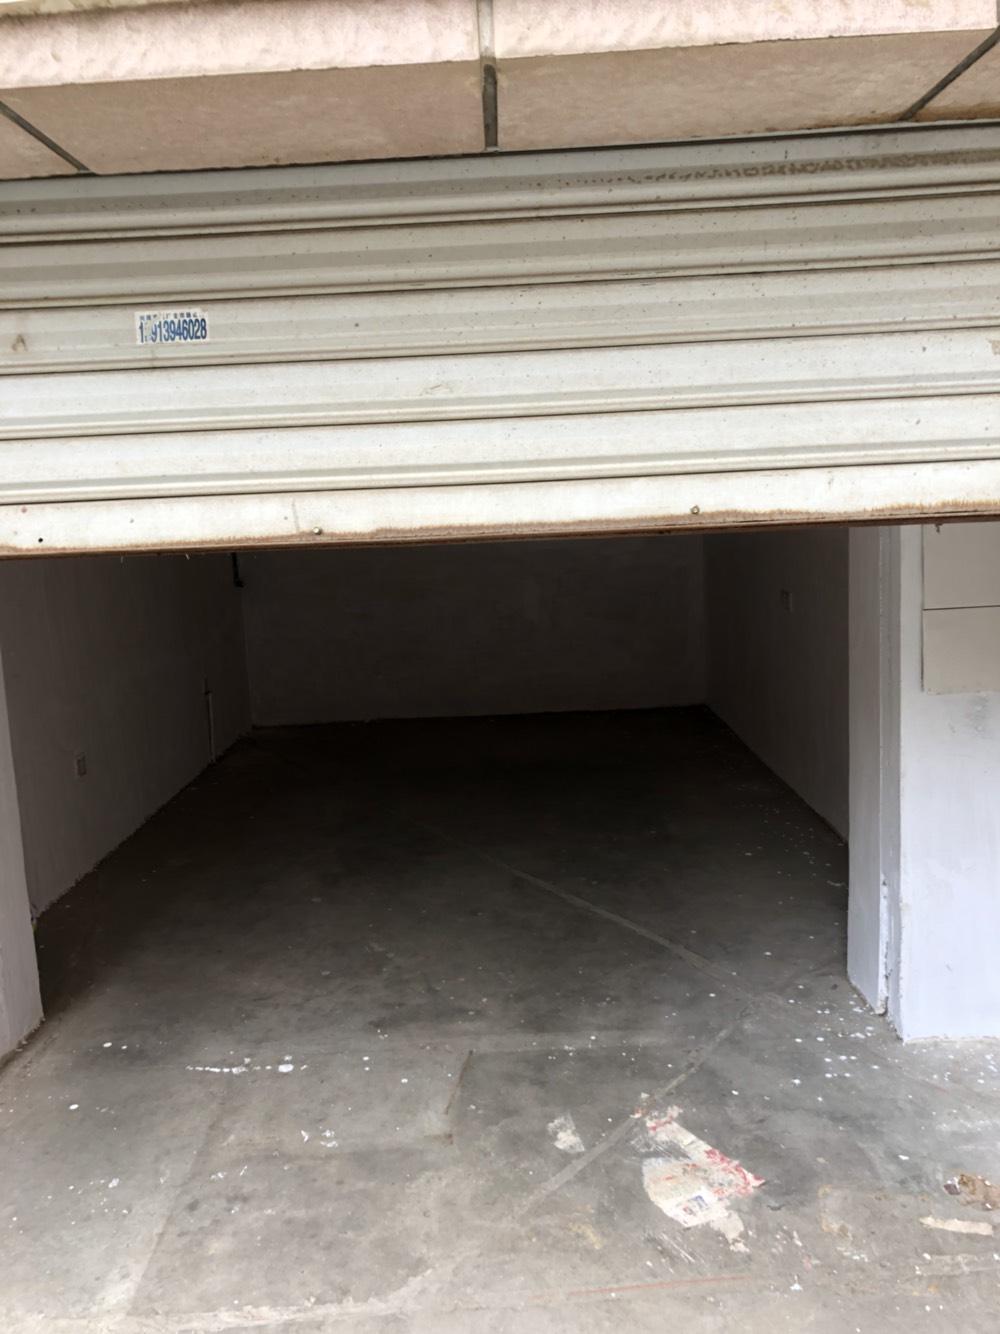 仓库,可放公司里的货物等每月租金900元,年付